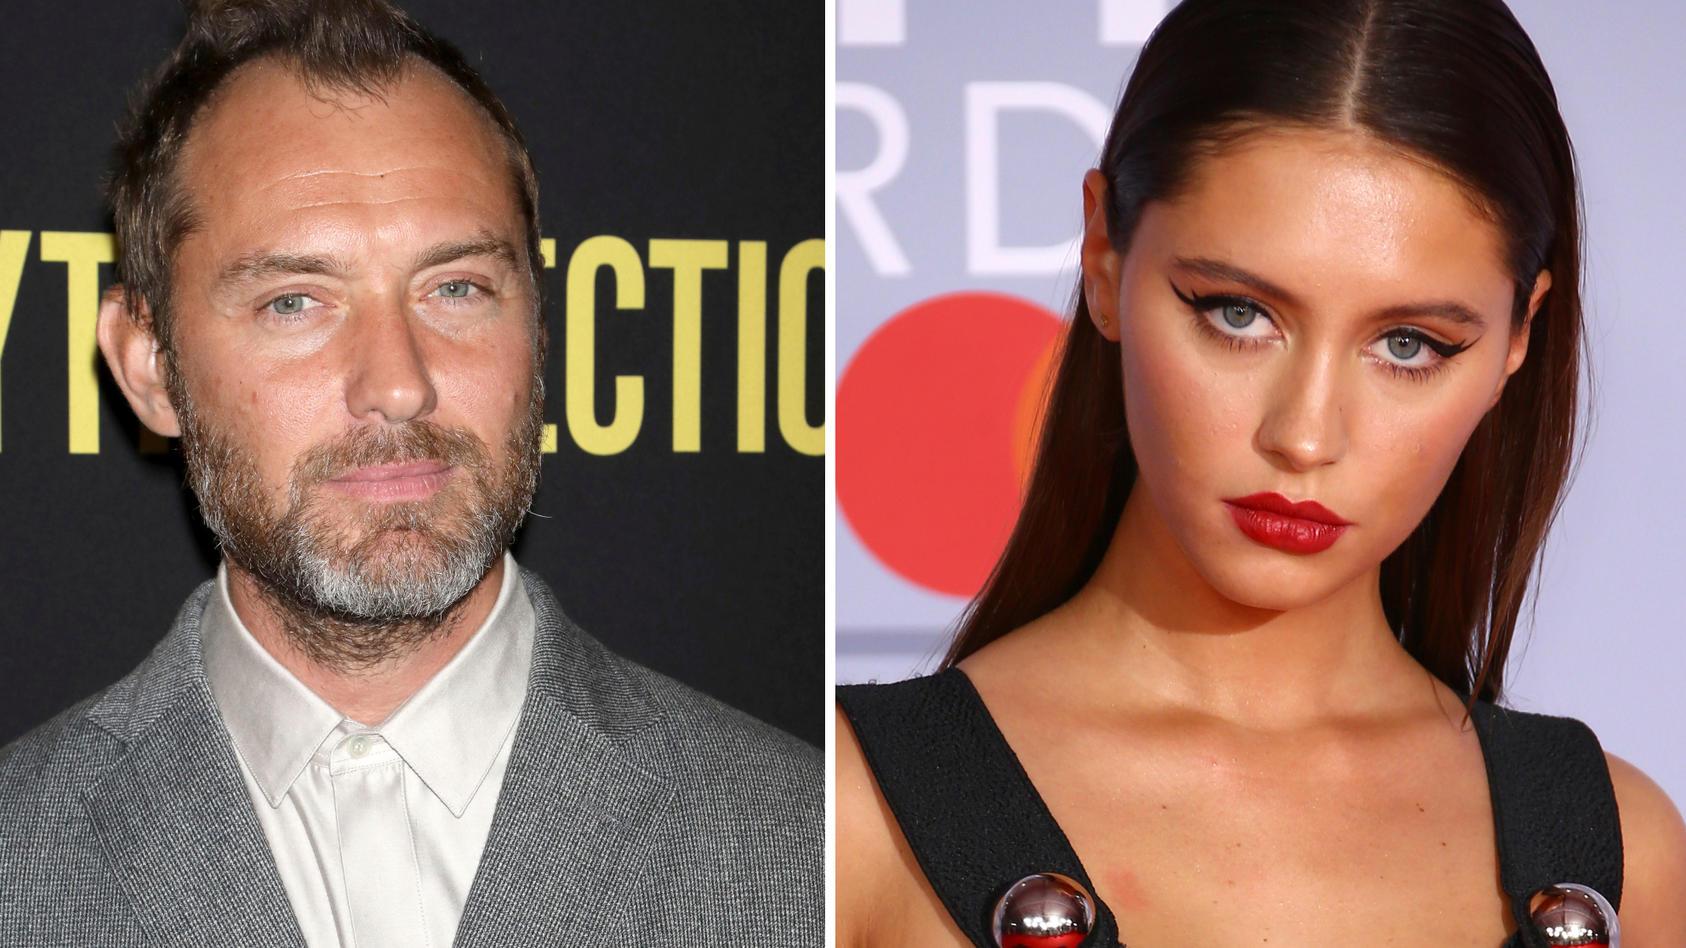 Die Tochter von Schauspieler Jude Law, Iris Law, hat ihre erste Rolle ergattert - und die klingt vielversprechend.